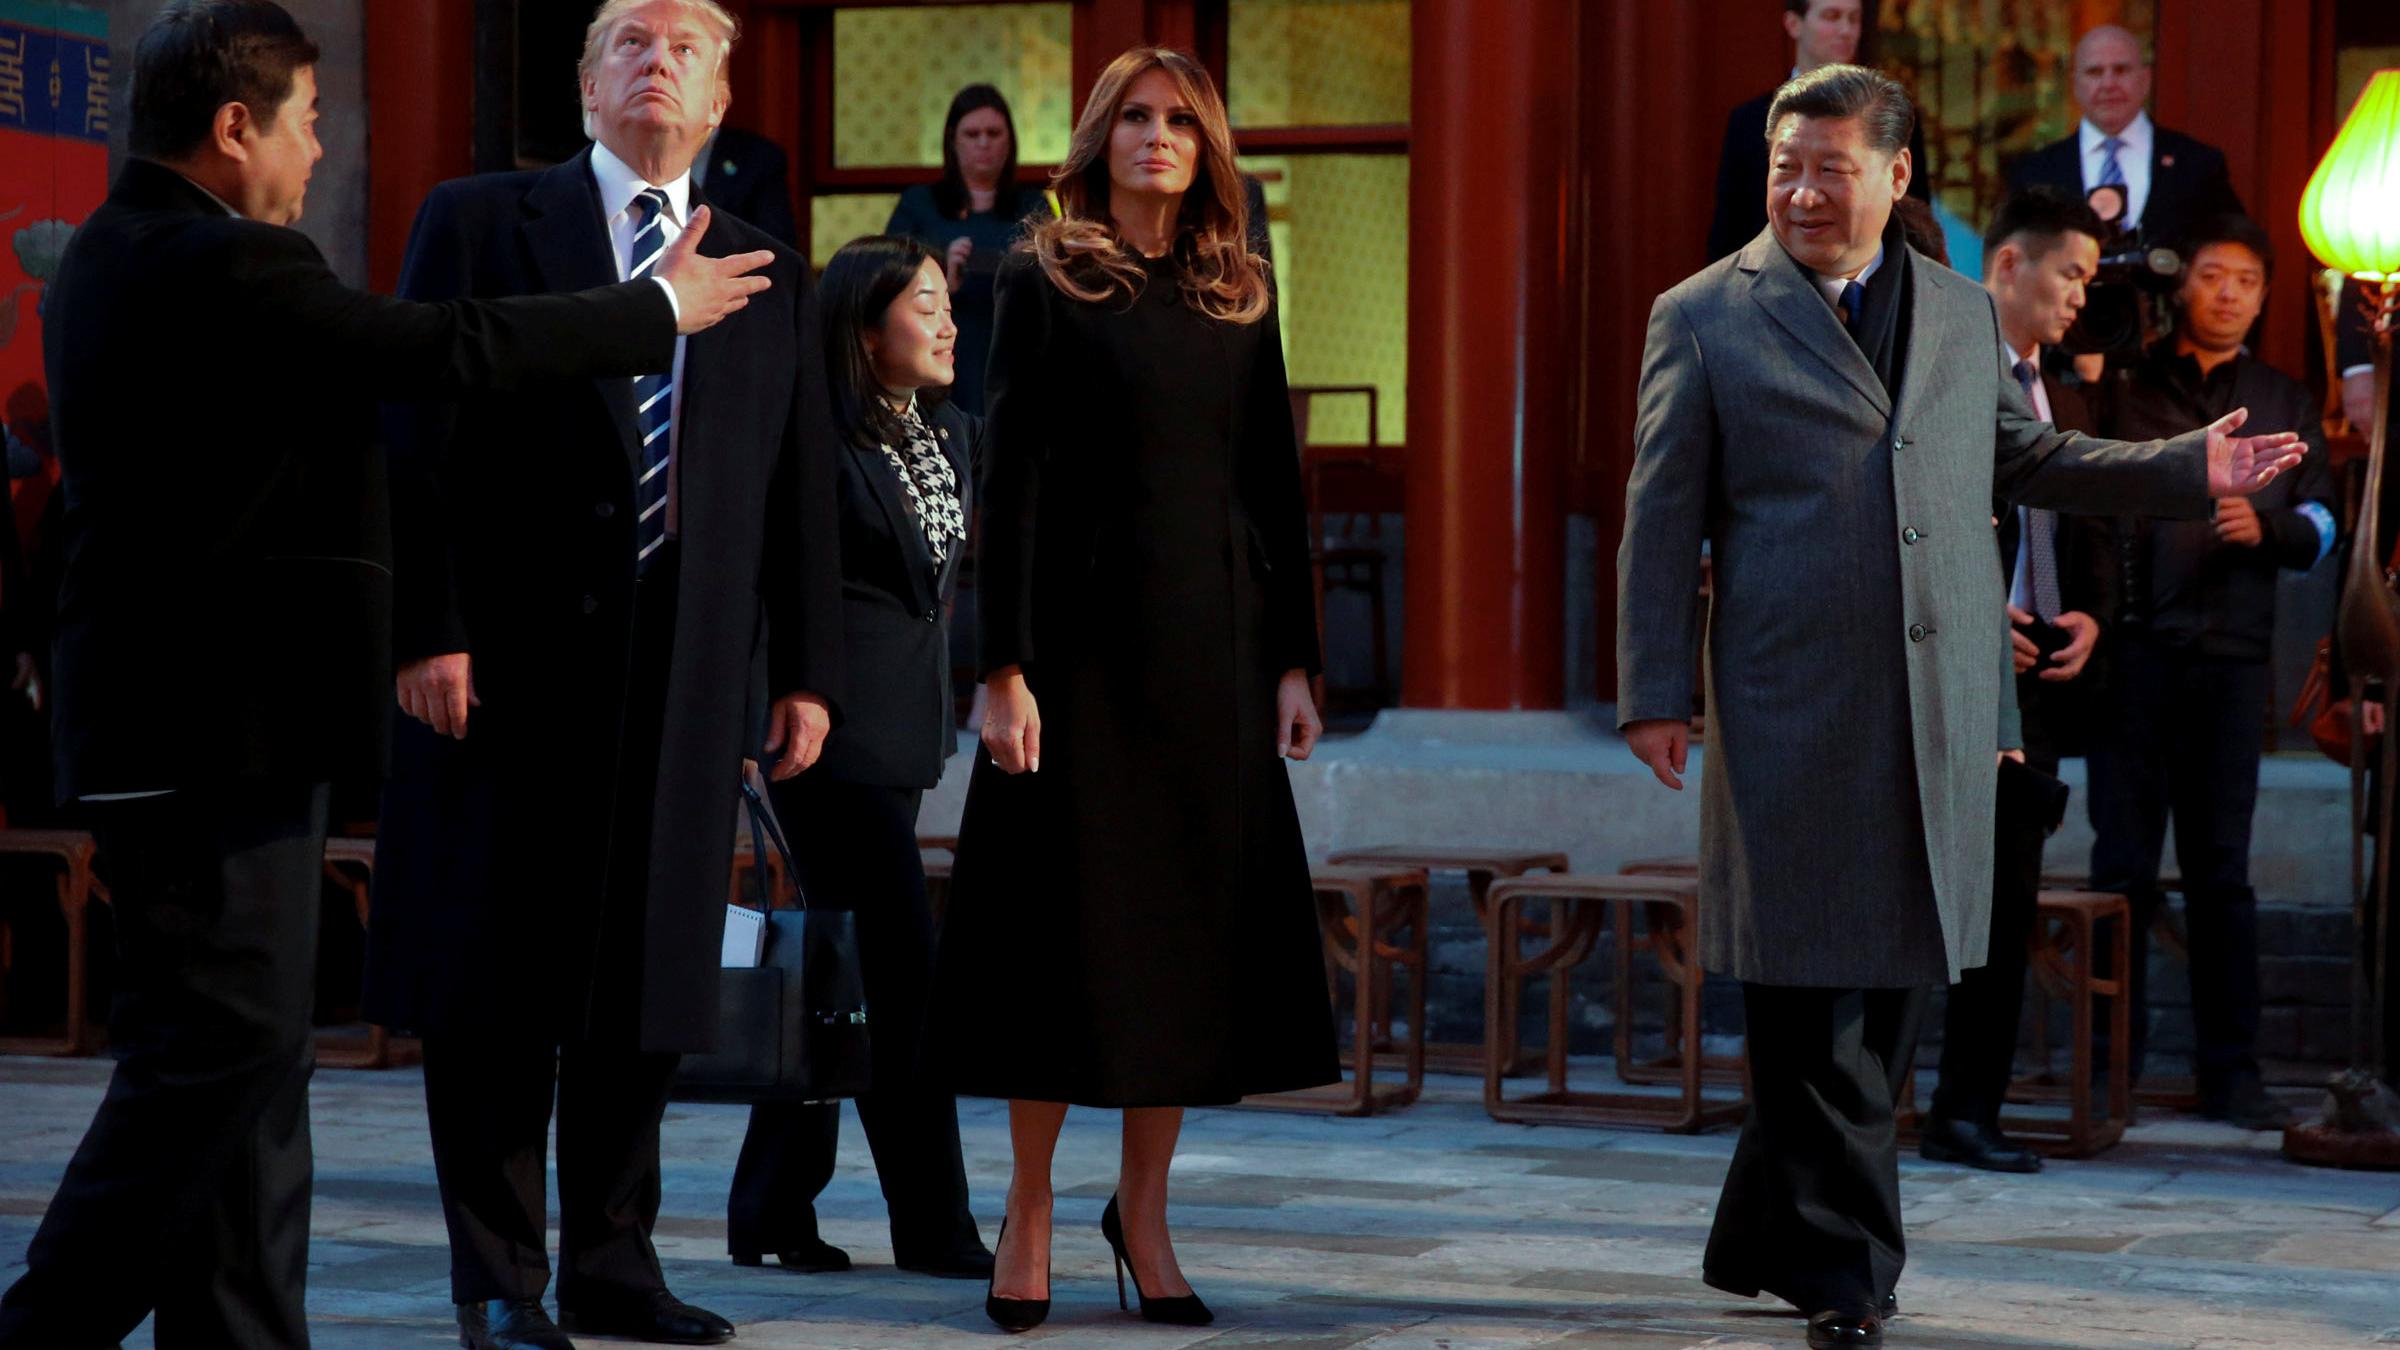 美國總統特朗普總統夫婦和中國國家主席習近平夫婦一起在紫禁城觀看京劇演出。(美聯社)